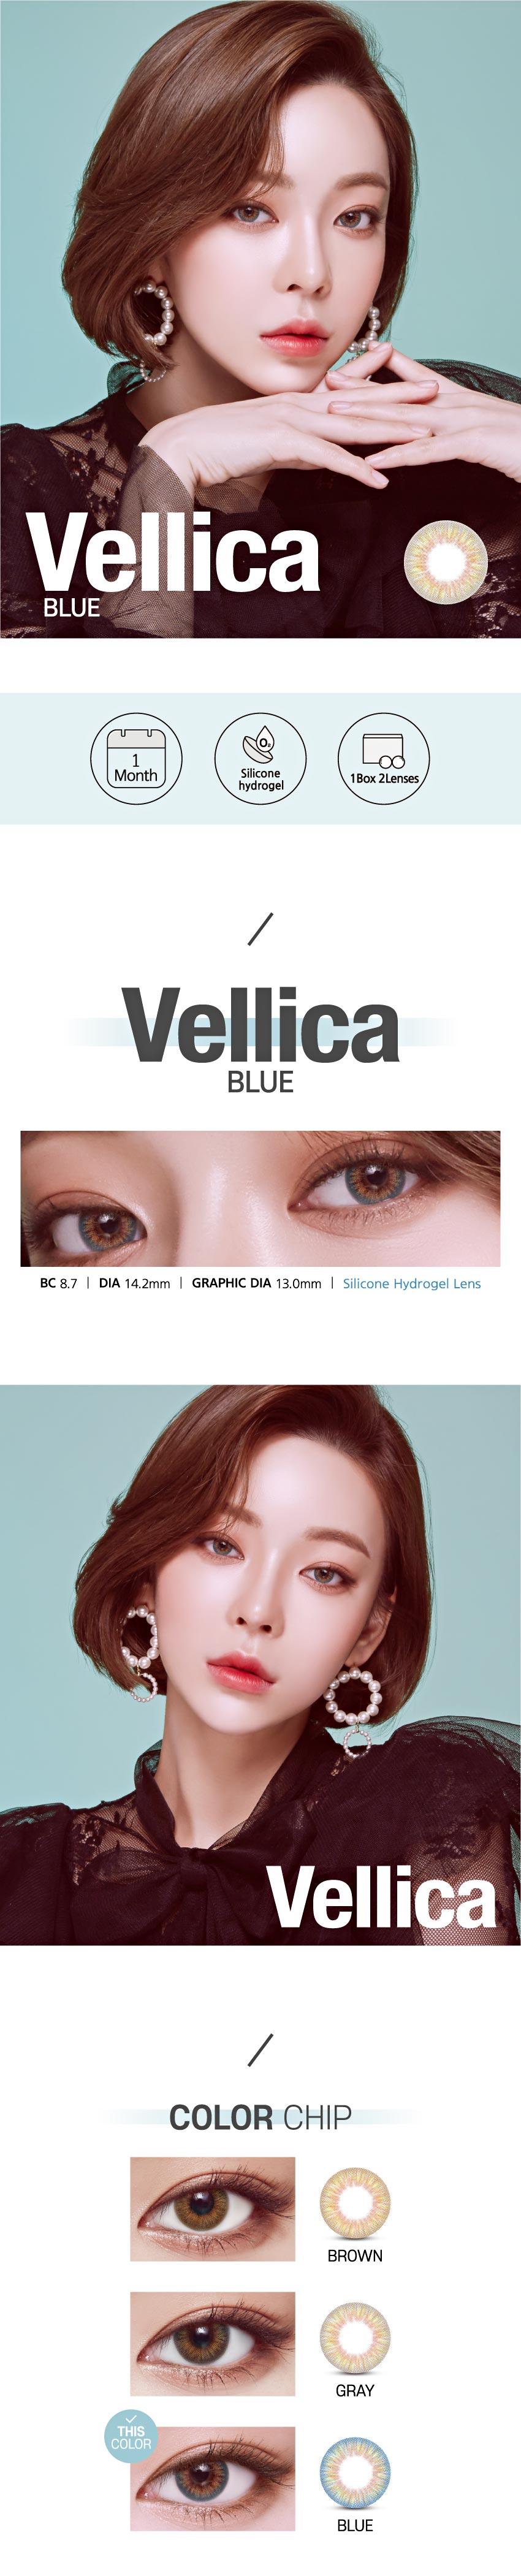 vellica-blue1.jpg